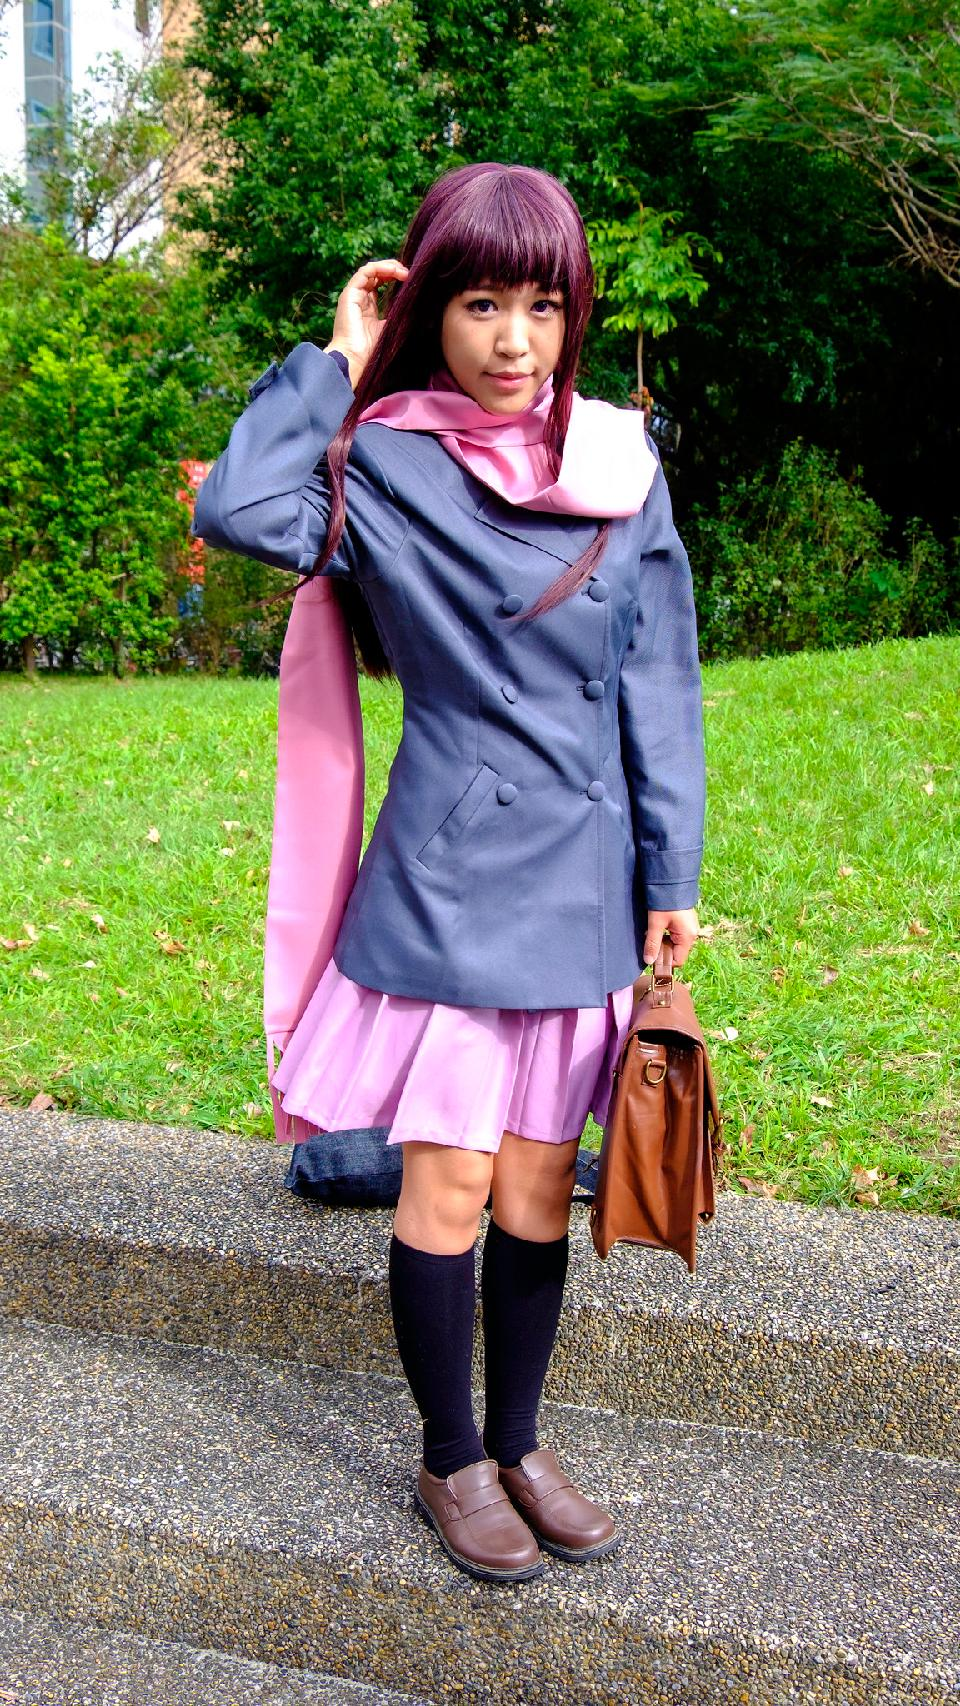 Anime cosplay Costume Girl